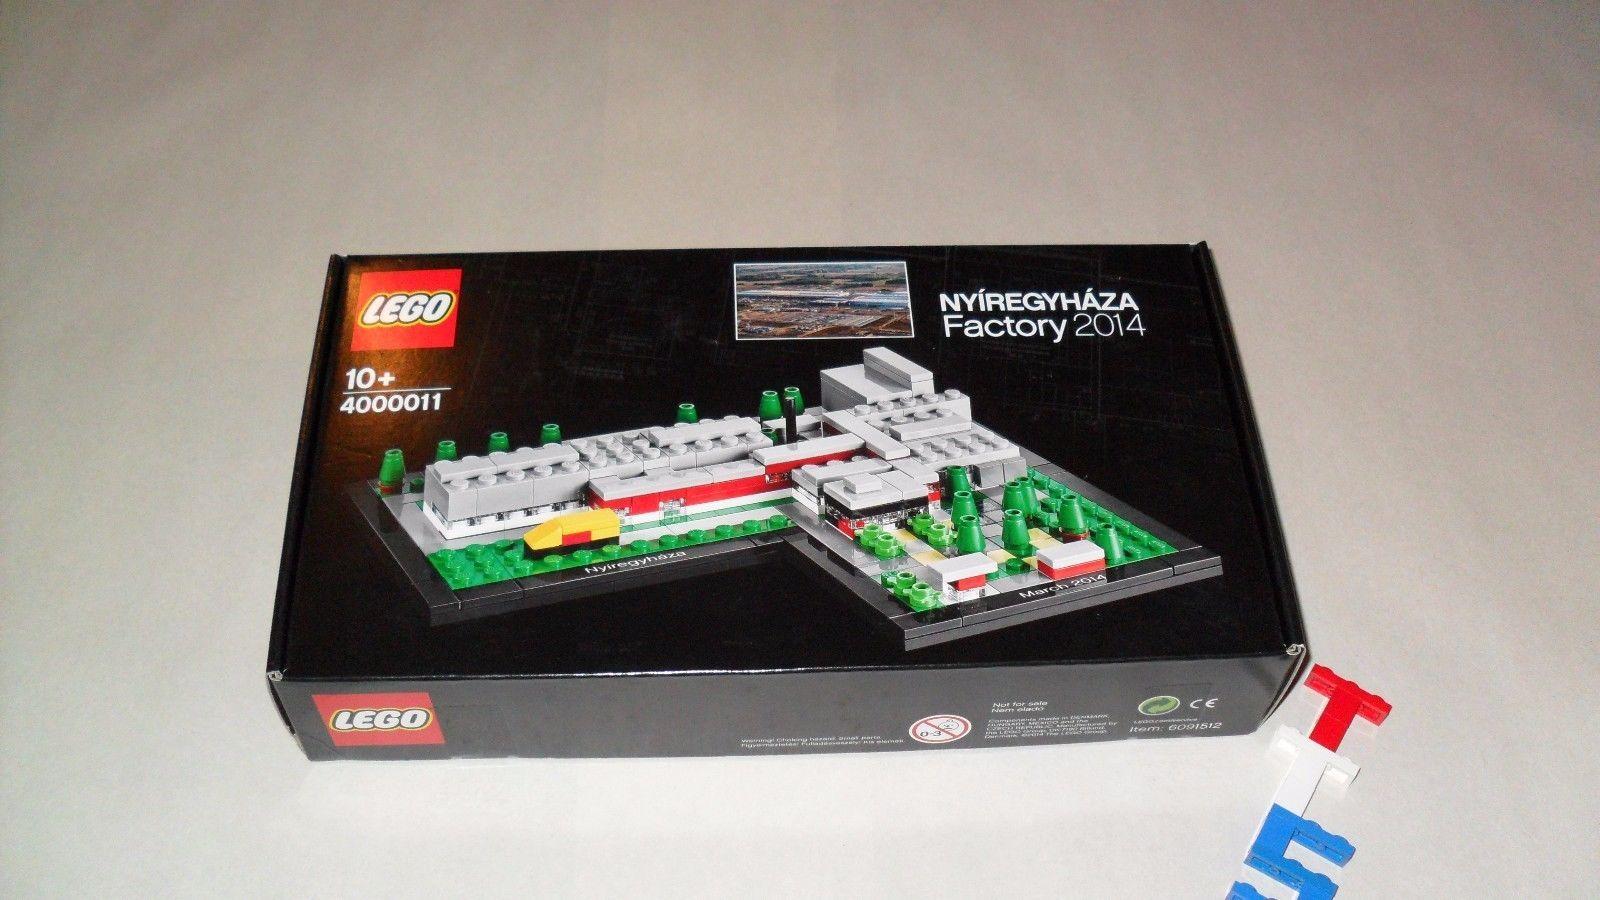 New Sealed LEGO 4000011 Nyiregyhaza Factory Set Employee